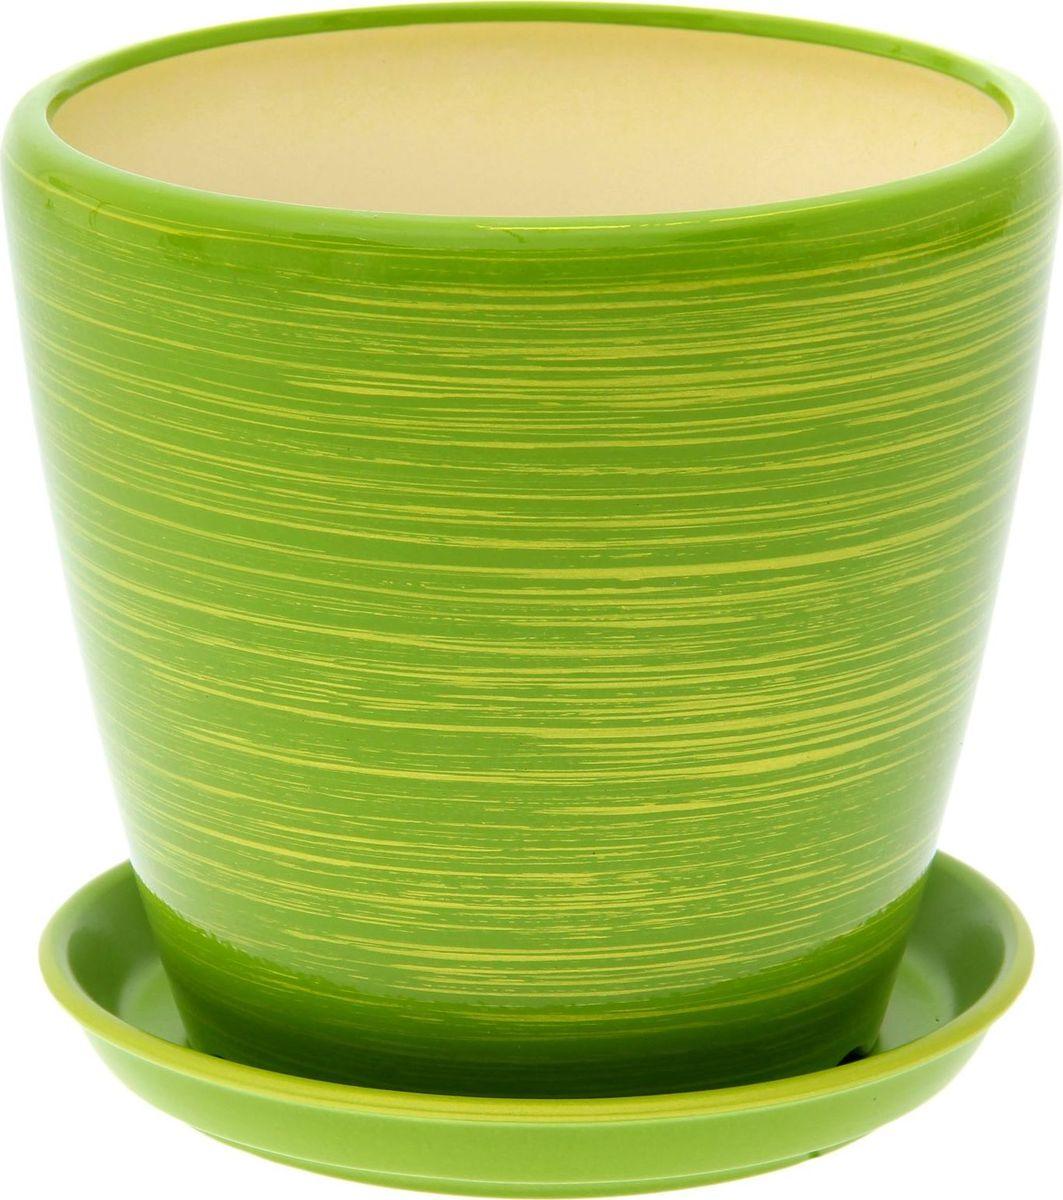 Кашпо Керамика ручной работы Грация, цвет: салатовый, золотистый, 4,5 л1497840Комнатные растения — всеобщие любимцы. Они радуют глаз, насыщают помещение кислородом и украшают пространство. Каждому из них необходим свой удобный и красивый дом. Кашпо из керамики прекрасно подходят для высадки растений: за счет пластичности глины и разных способов обработки существует великое множество форм и дизайнов пористый материал позволяет испаряться лишней влаге воздух, необходимый для дыхания корней, проникает сквозь керамические стенки! позаботится о зеленом питомце, освежит интерьер и подчеркнет его стиль.